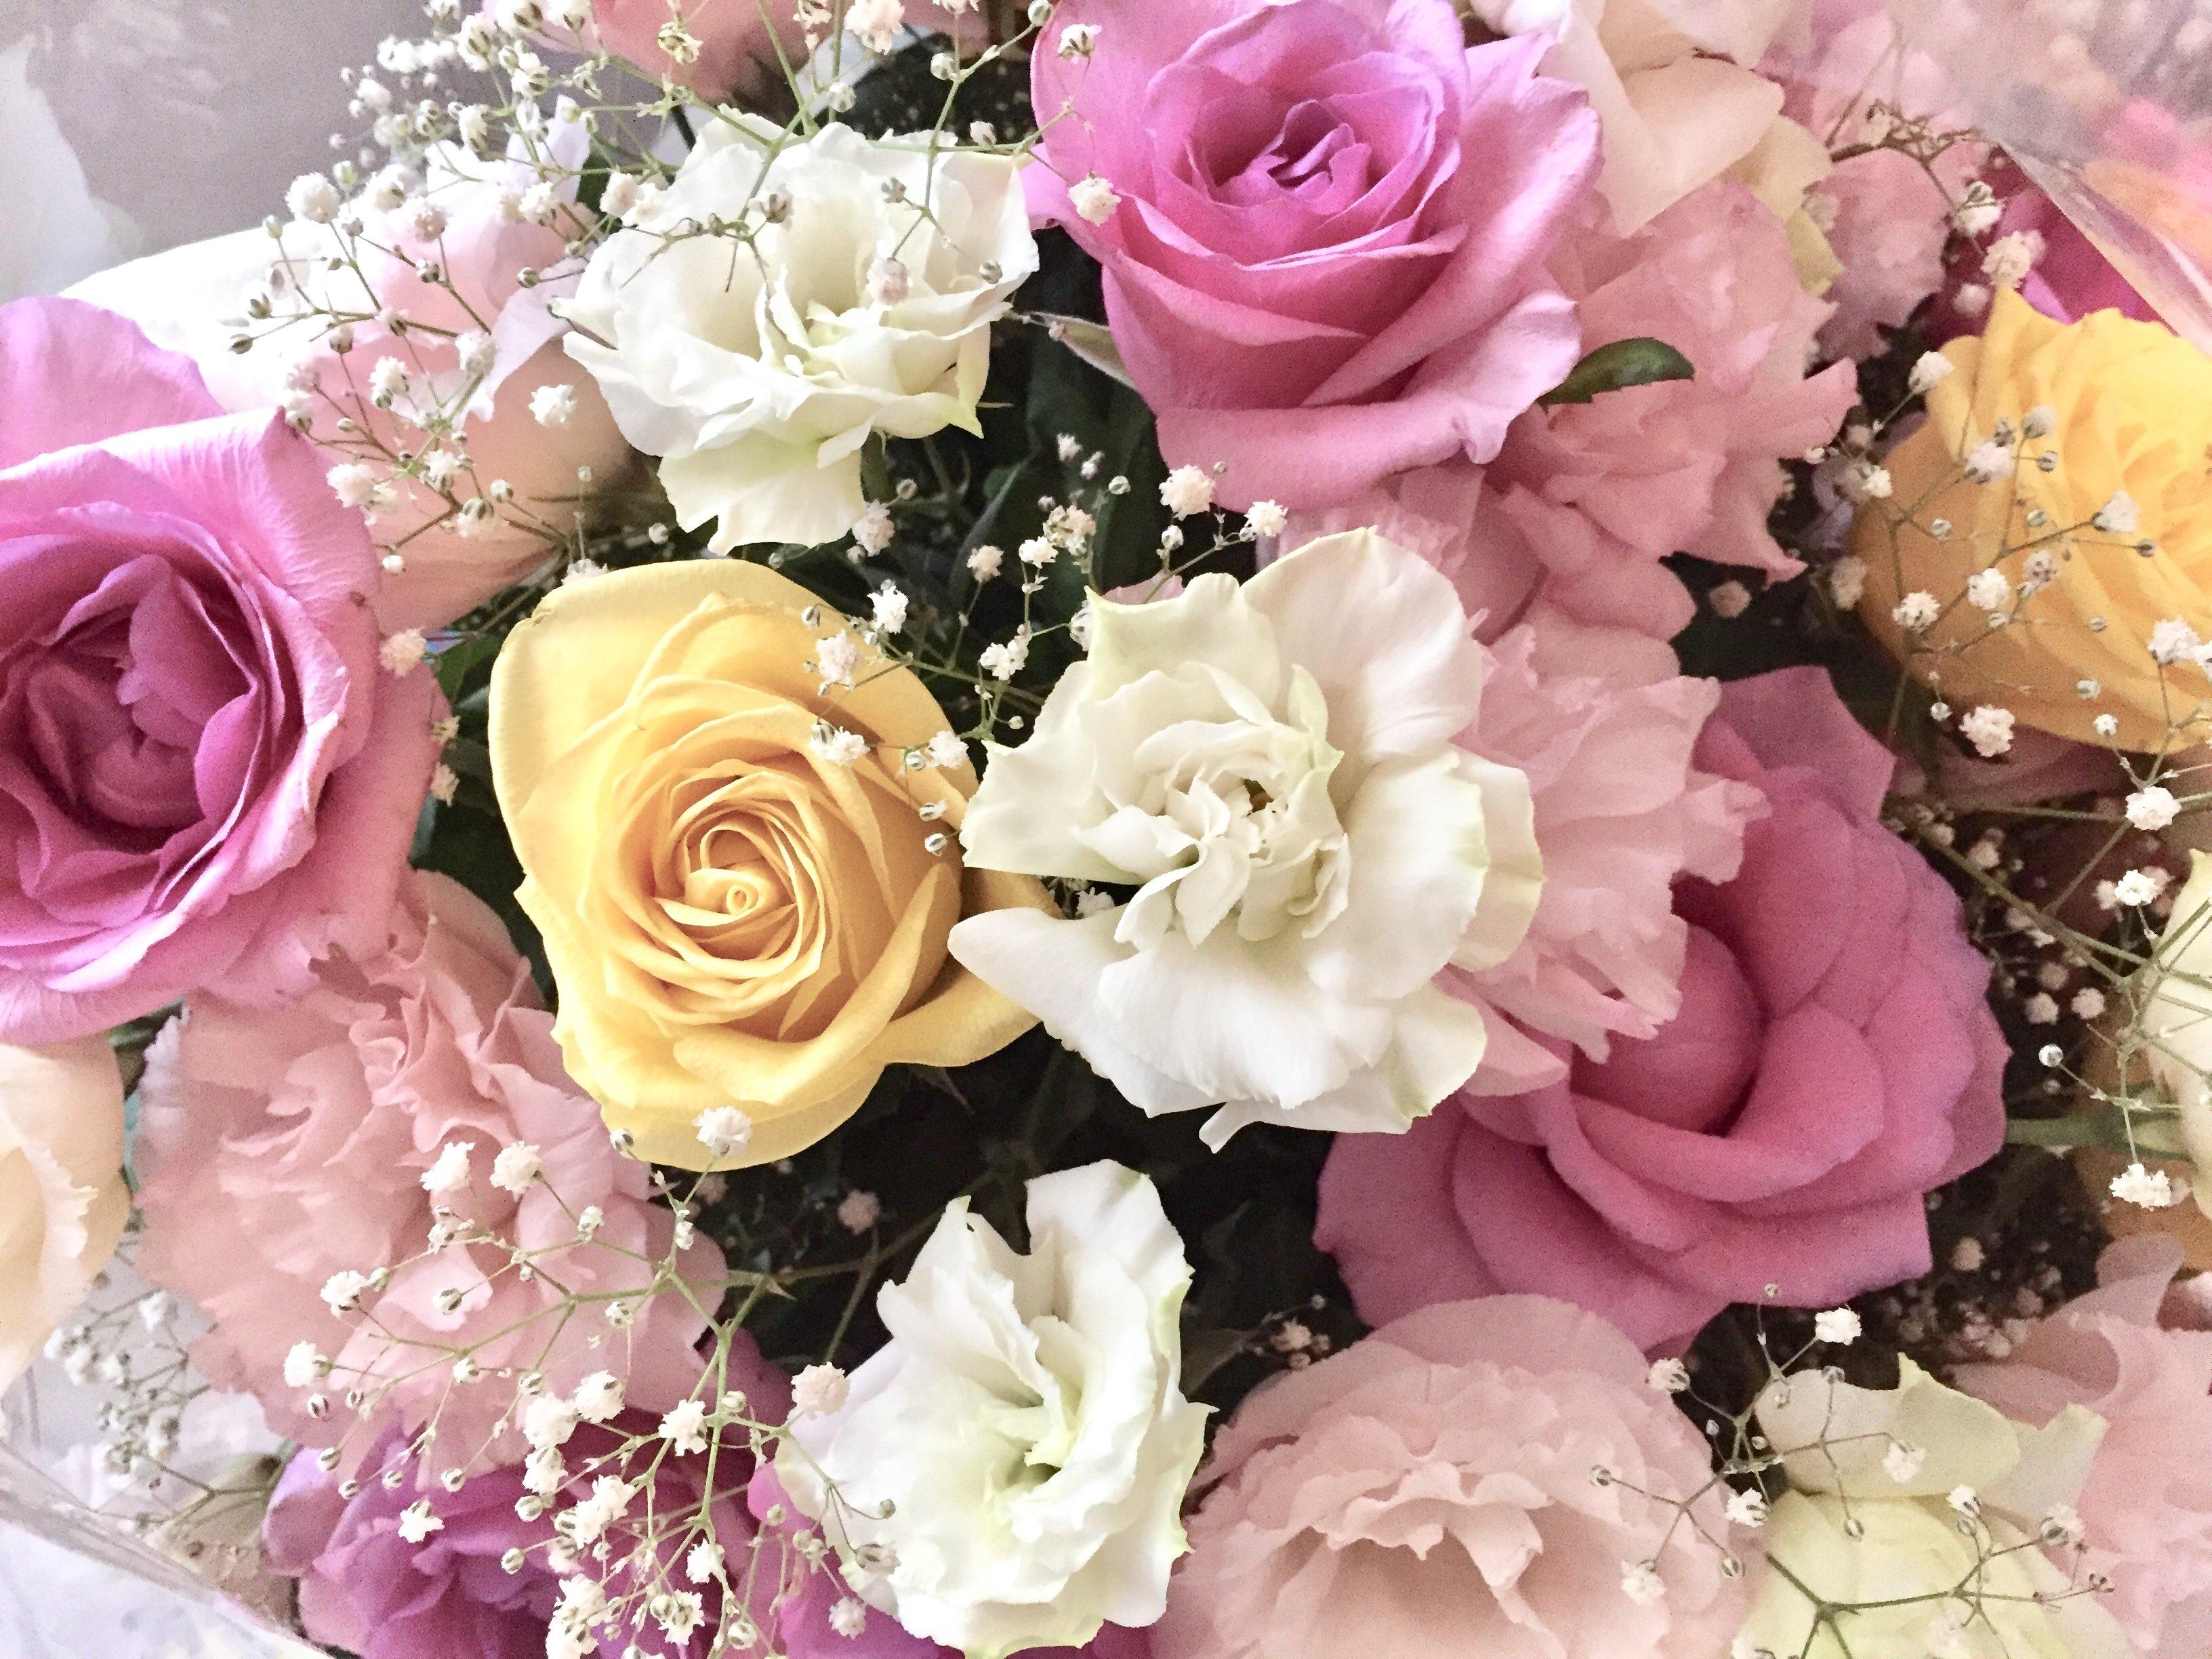 人妻さん日誌:お花が届きました^^